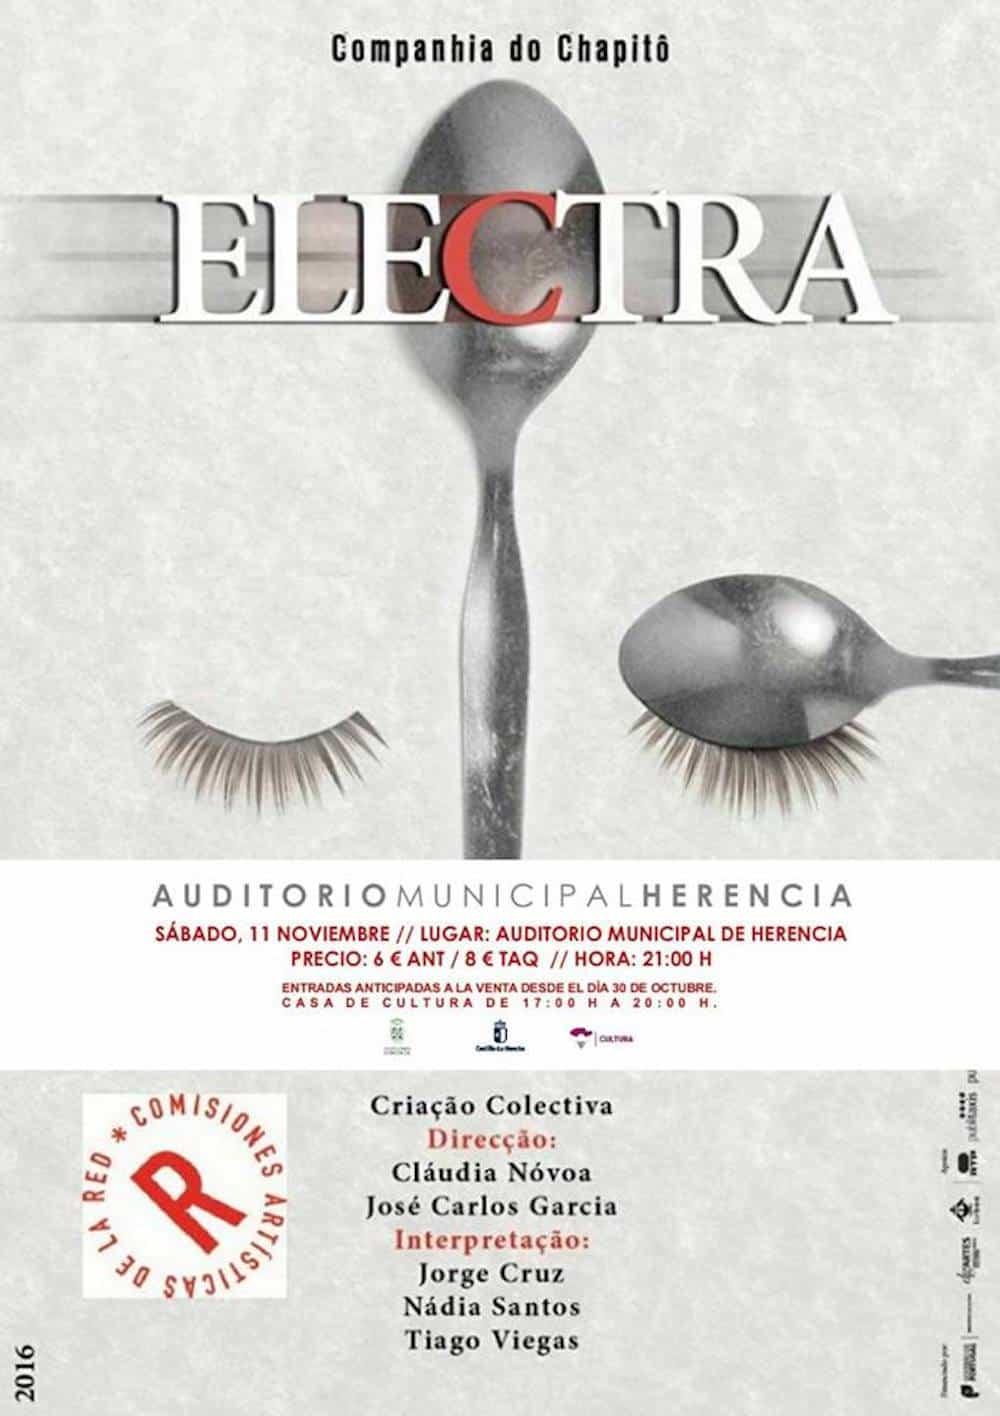 electra herencia - Nueva cita en el Auditorio con la obra de teatro clásico Electra